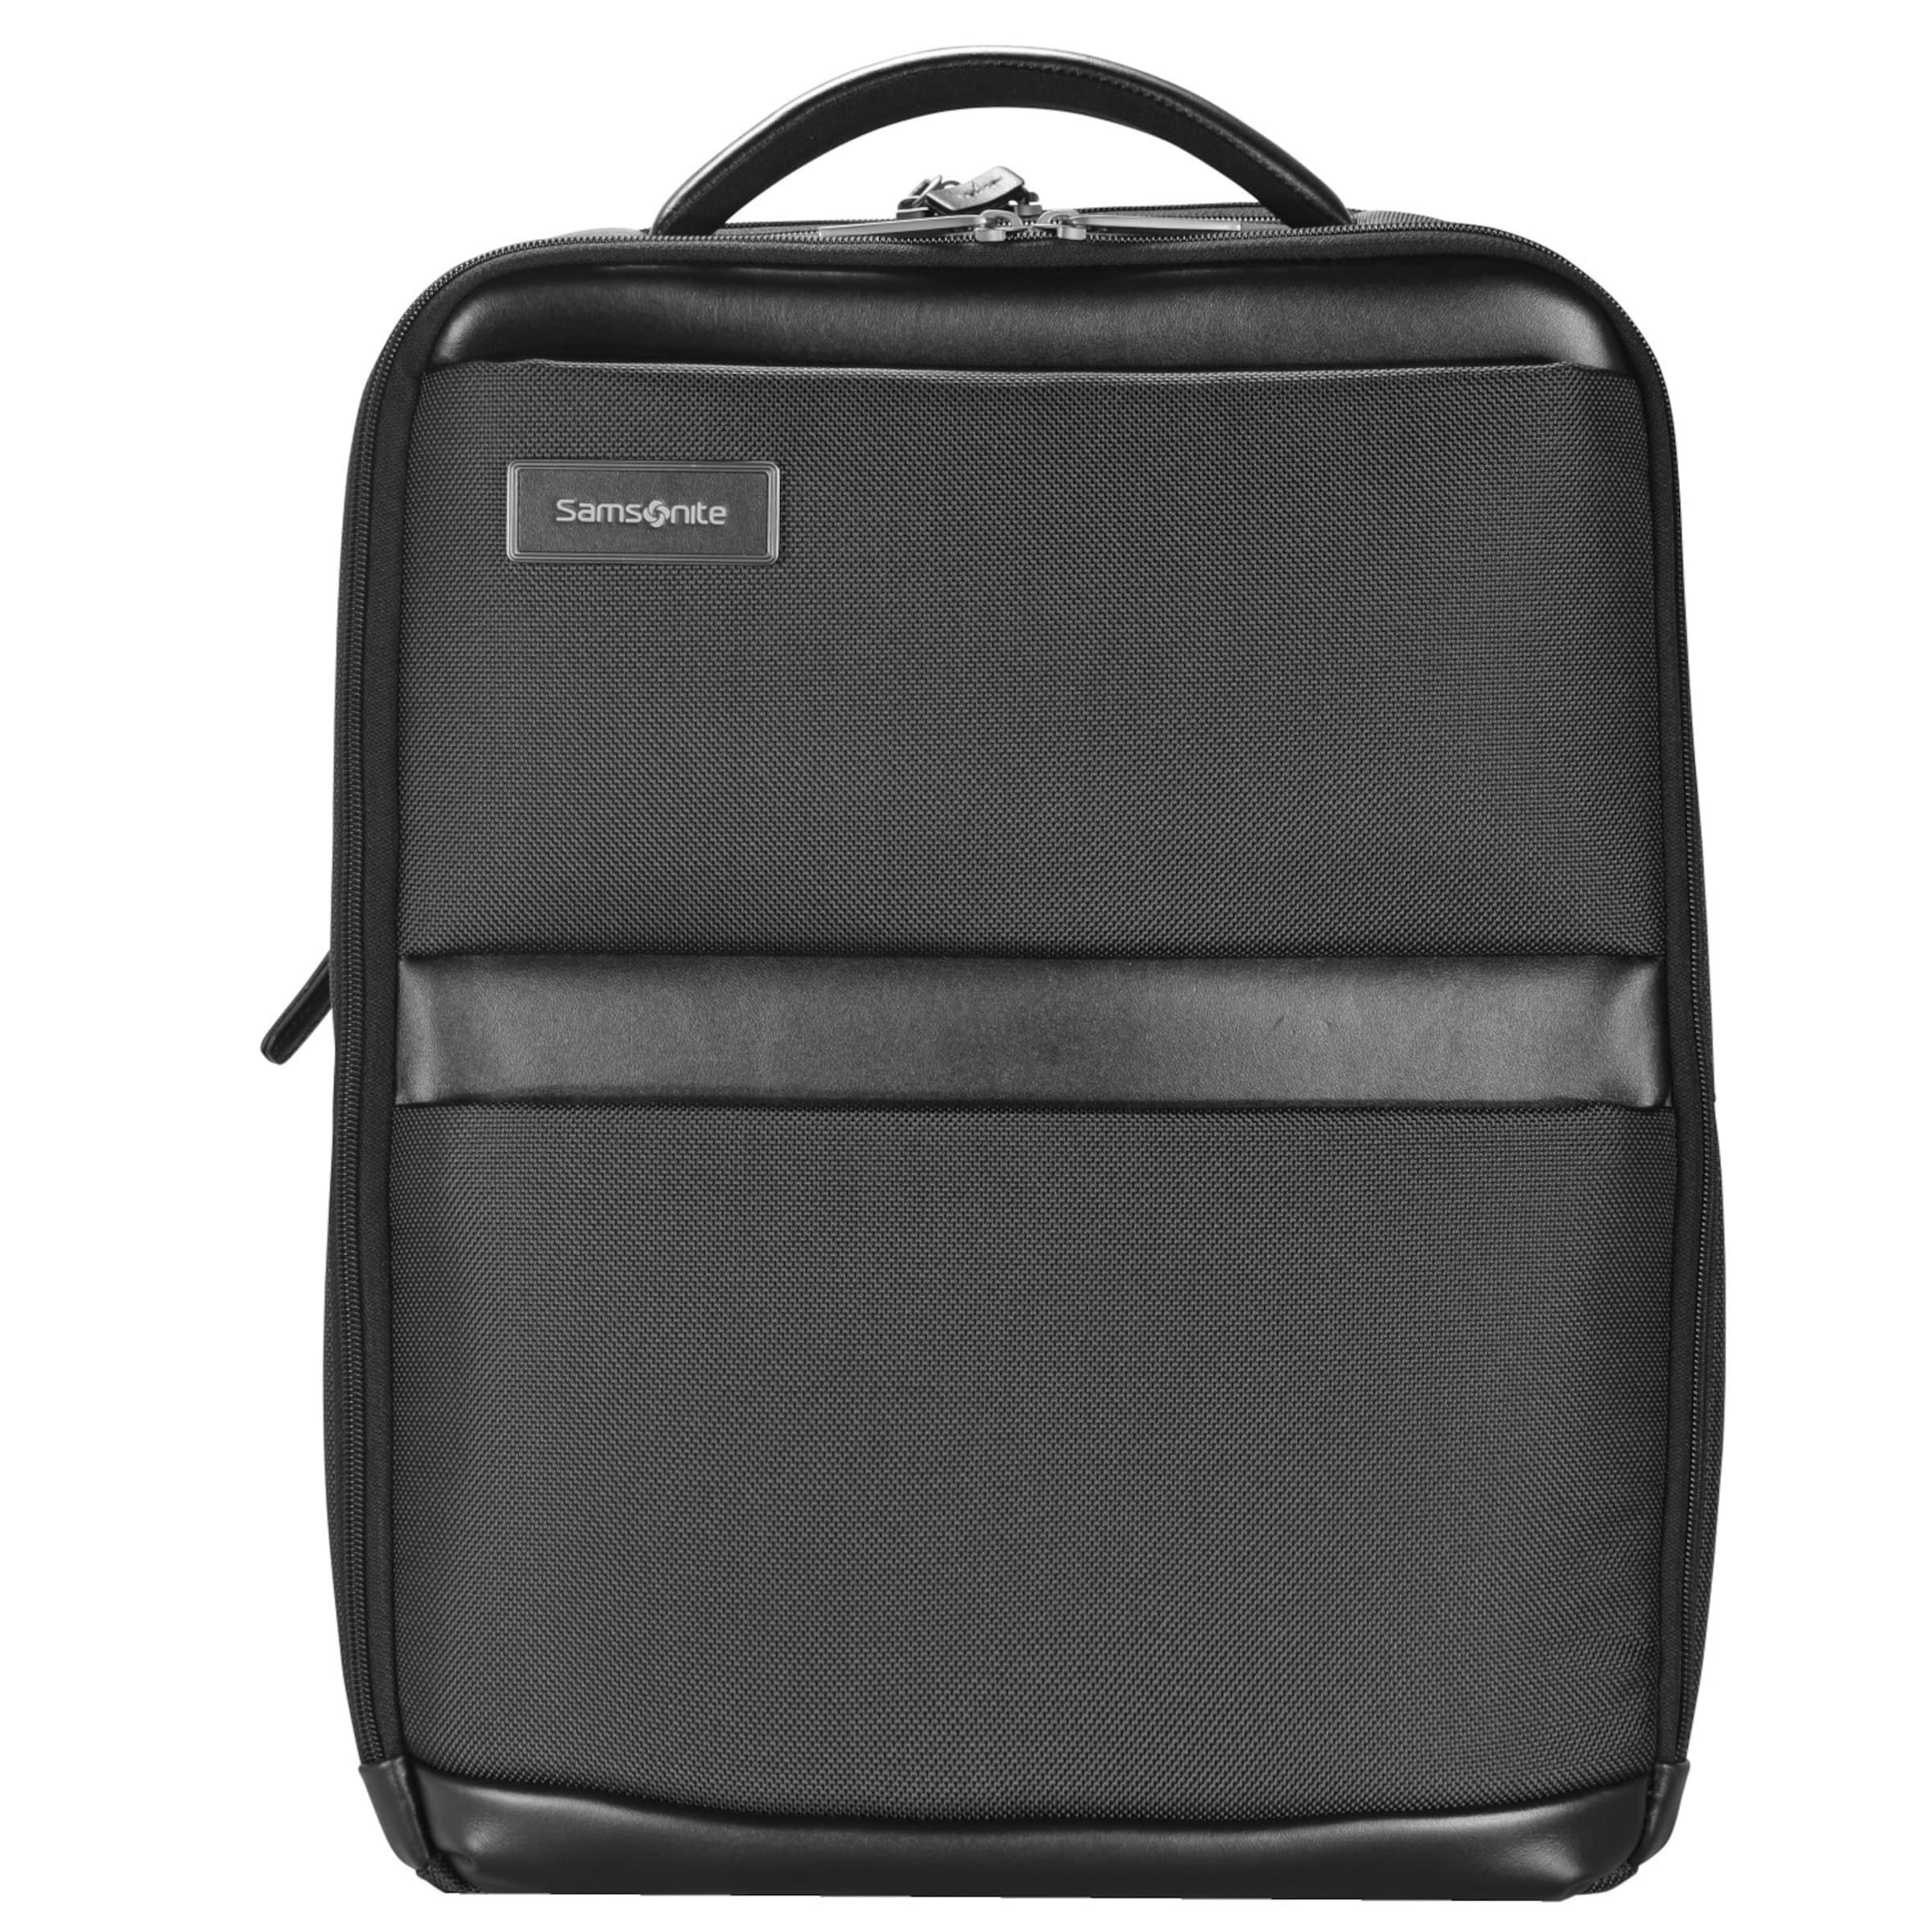 Auftrag SAMSONITE Cityscape Business Rucksack 46 cm Laptopfach Rabatt Modische Ebay Online Auslass Wirklich W7BAnPtL3W